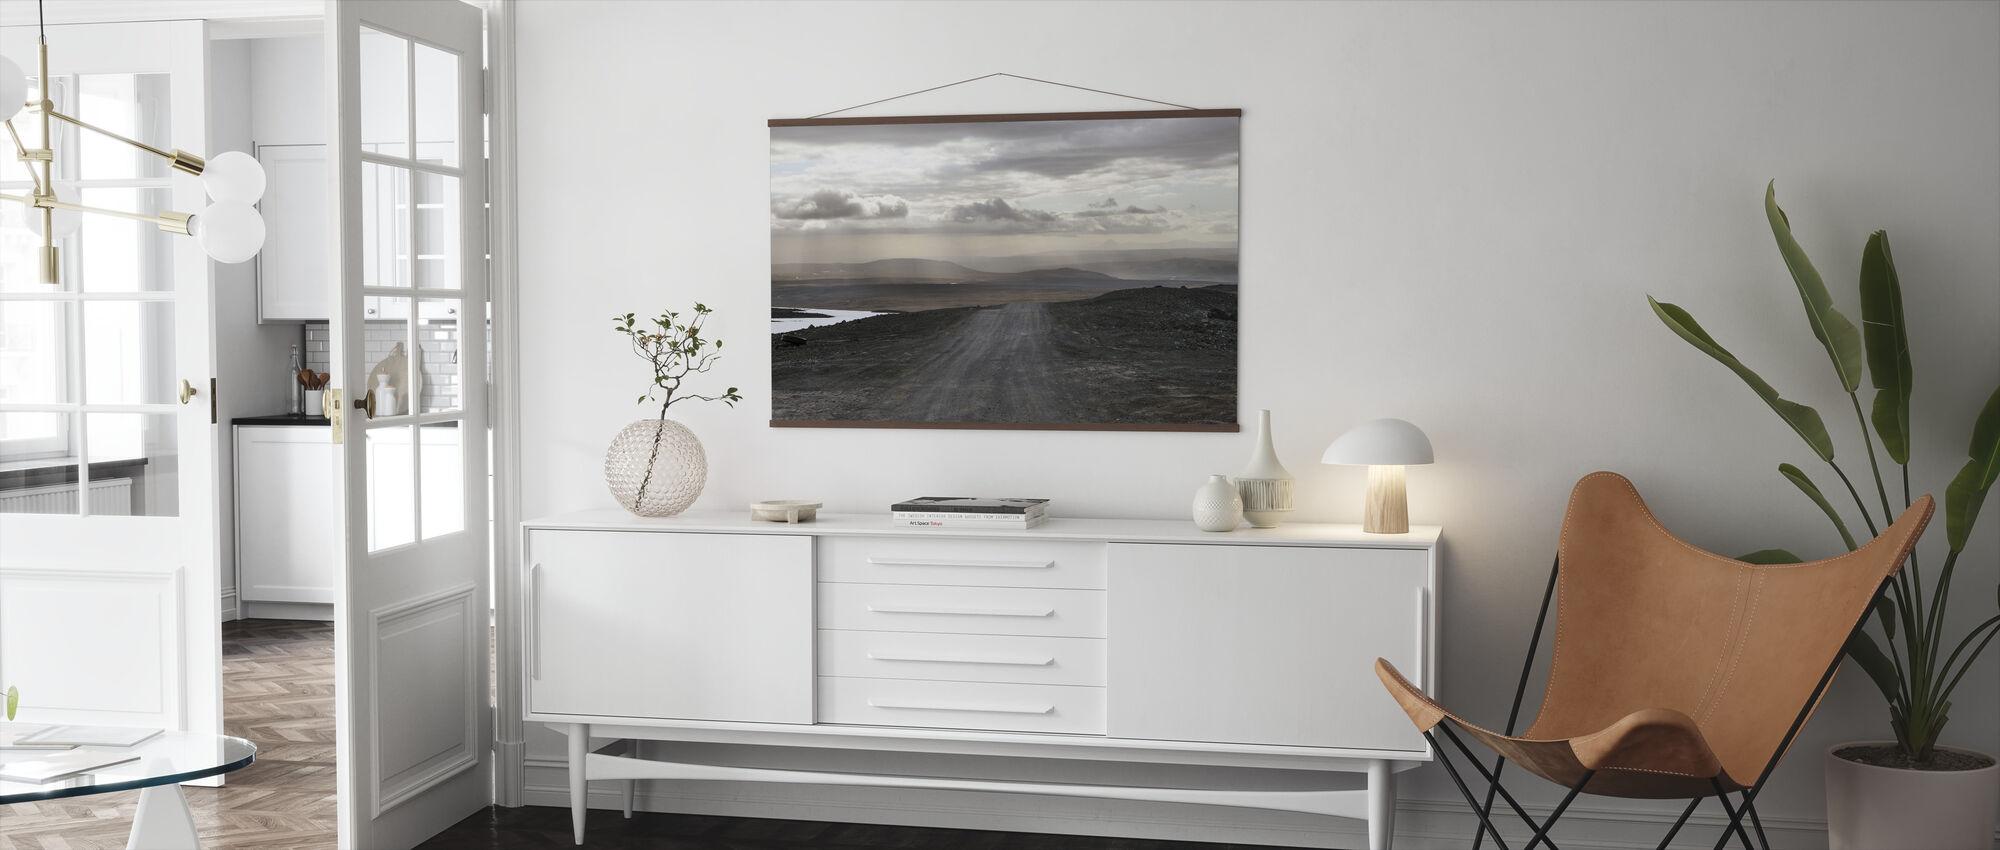 IJslands landschap - Poster - Woonkamer